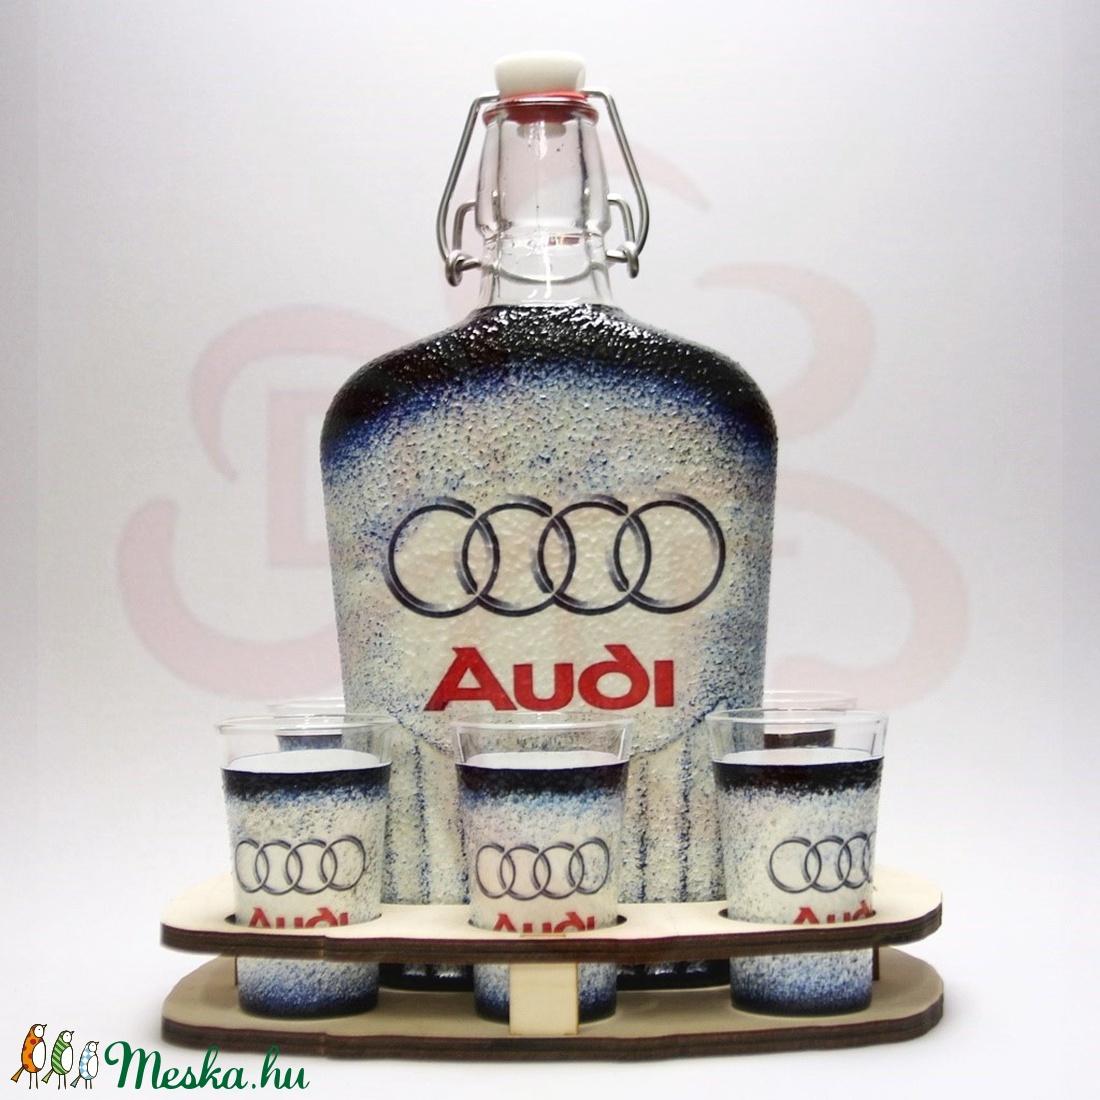 Audi italkészlet  ; Audi rajongóknak - Meska.hu